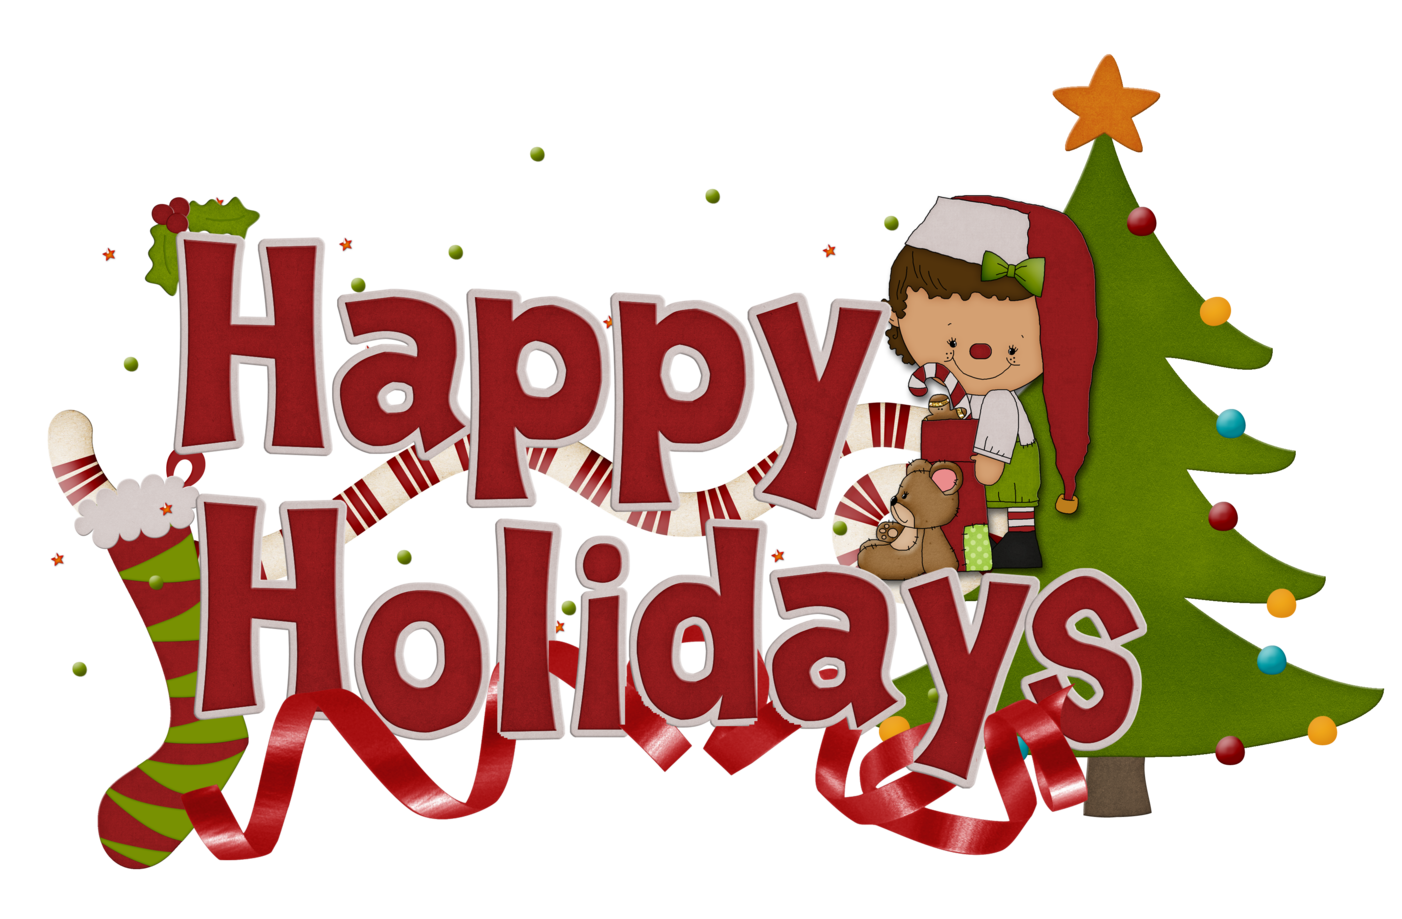 Happy Holidays Clip Art Free-Happy Holidays Clip Art Free-7